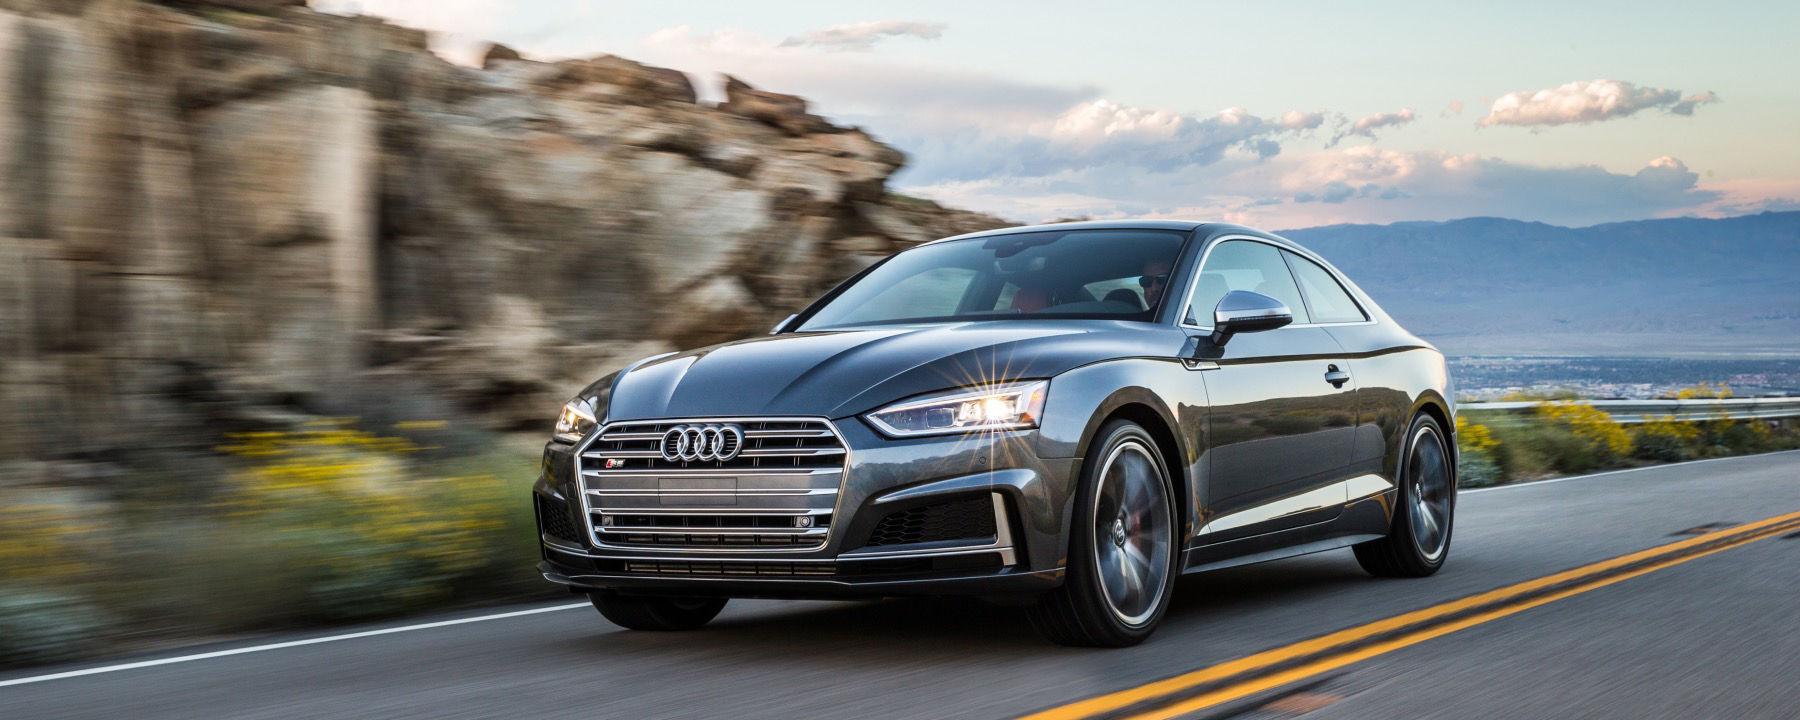 Audi kategorisi için resim